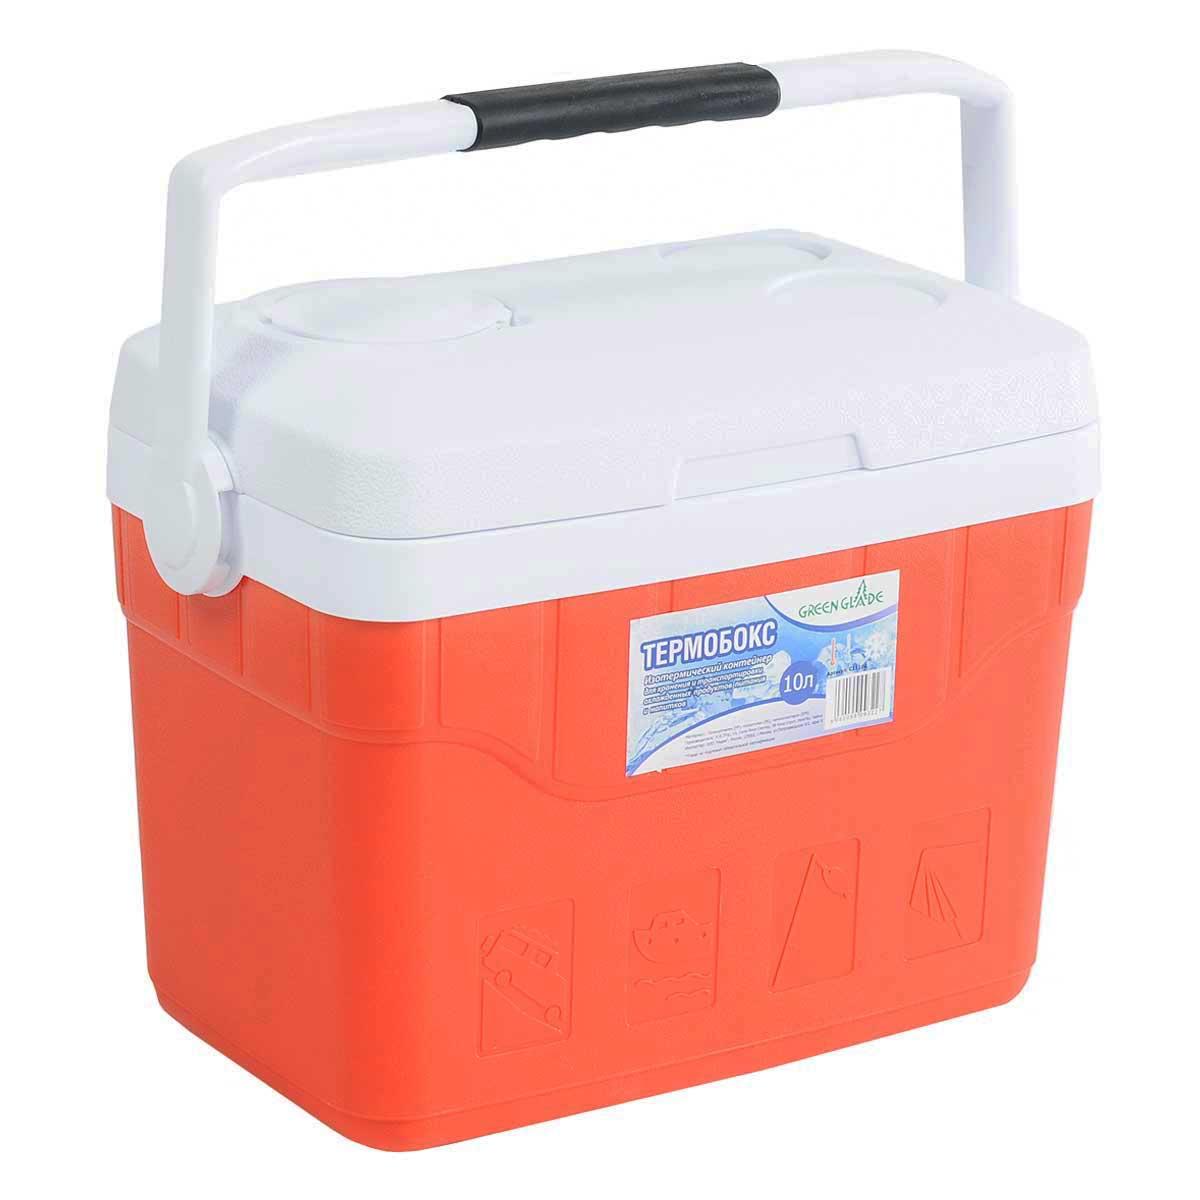 Контейнер изотермический Green Glade, цвет: красный, 10 лС11100Легкий и прочный изотермический контейнер Green Glade предназначен для сохранения определенной температуры продуктов во время длительных поездок. Корпус и крышка контейнера изготовлены из высококачественного пластика. Между двойными стенками находится термоизоляционный слой, который обеспечивает сохранение температуры. При использовании аккумулятора холода, контейнер обеспечивает сохранение продуктов холодными на 8-10 часов. Подвижная ручка делает более удобной переноску контейнера. Крышка может быть использована в качестве подноса. В ней имеются три углубления для стаканчиков. Контейнер идеально подходит для отдыха на природе, пикников, туристических походов и путешествий. Объем контейнера: 10 л. Размер контейнера: 35 см х 30 см х 20 см.